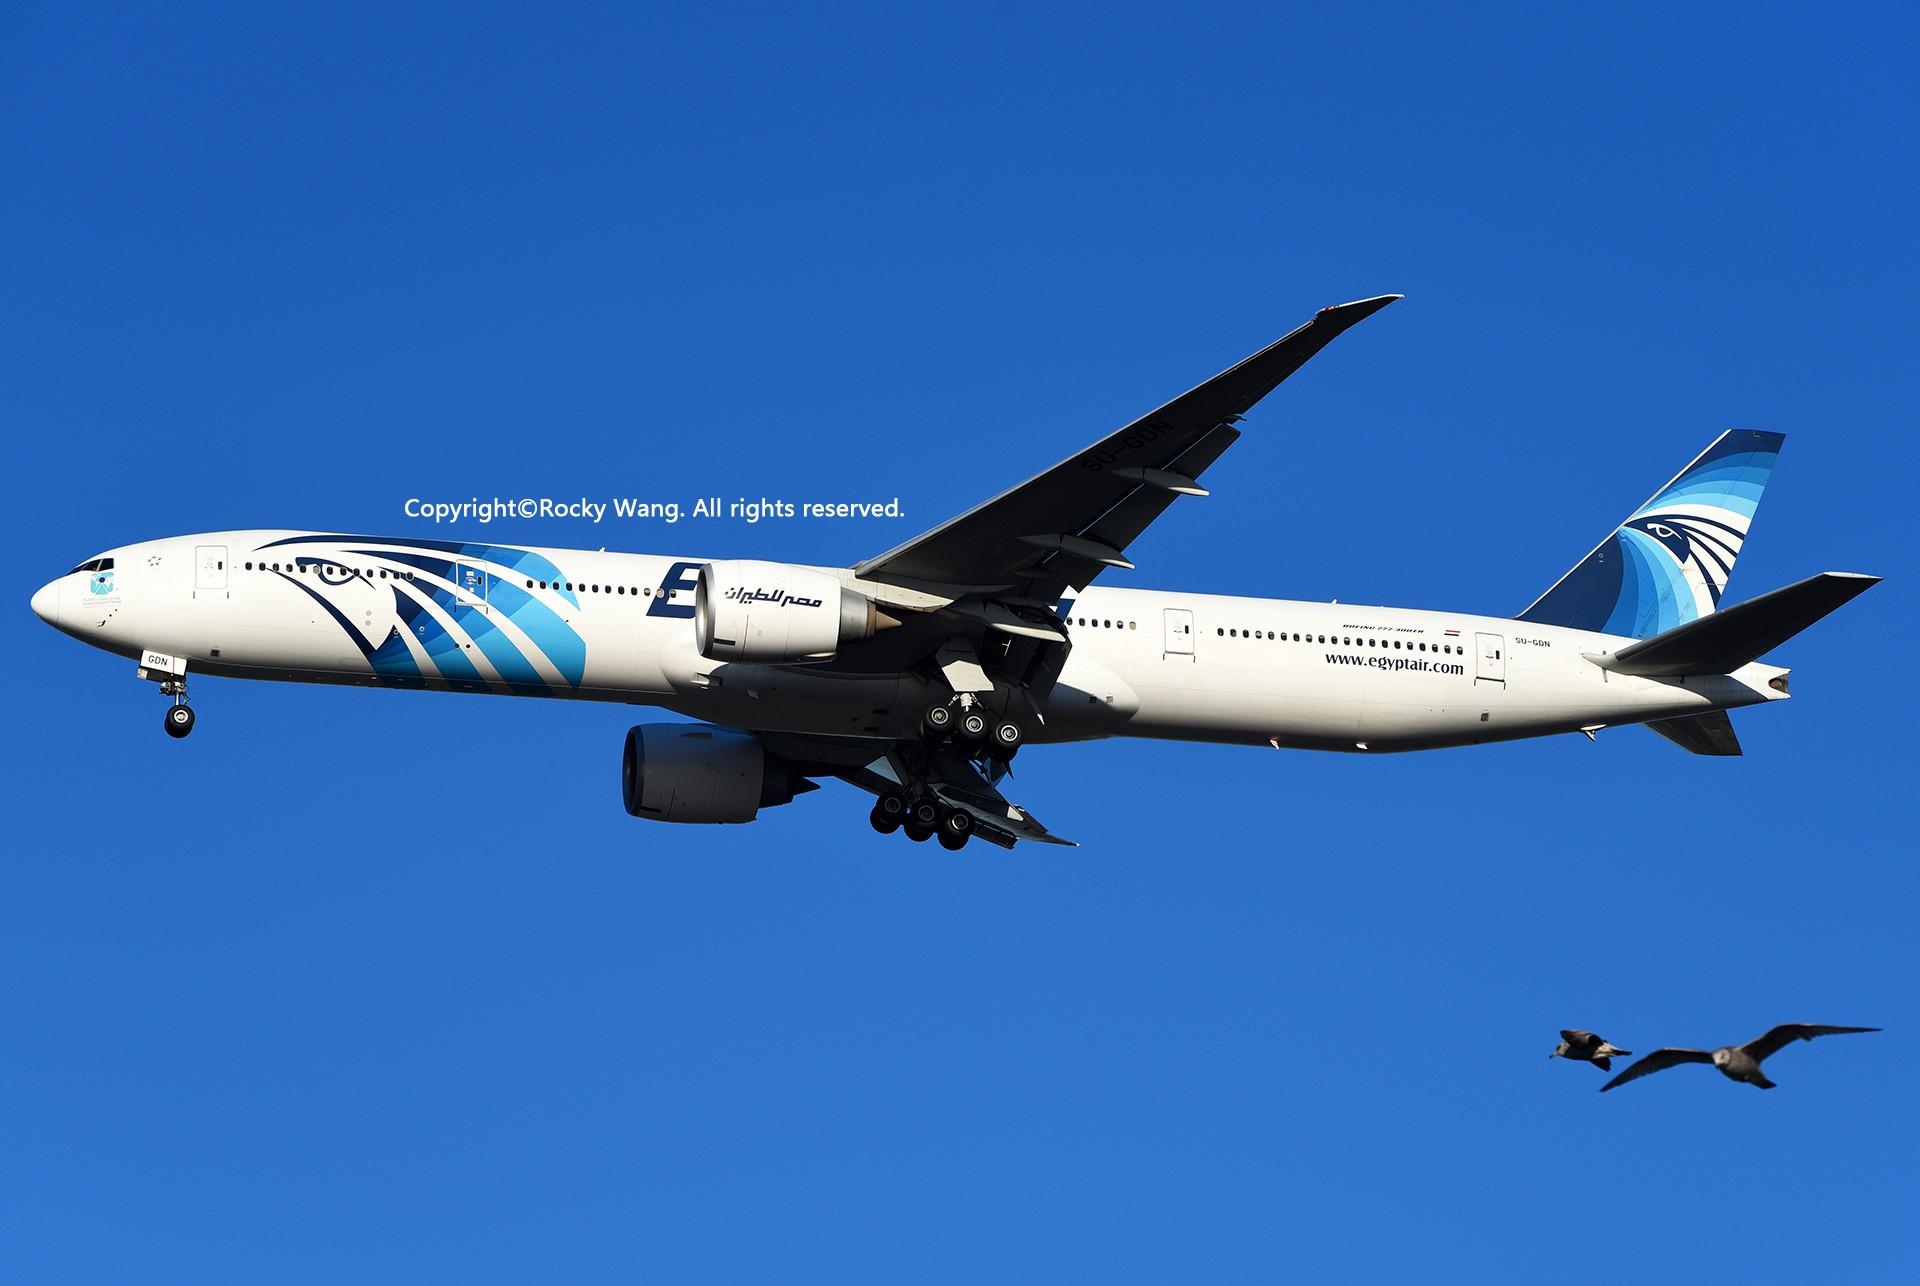 Re:[原创]KJFK 30图 BOEING 777-36NER SU-GDN New York John F. Kennedy Int'l Airport